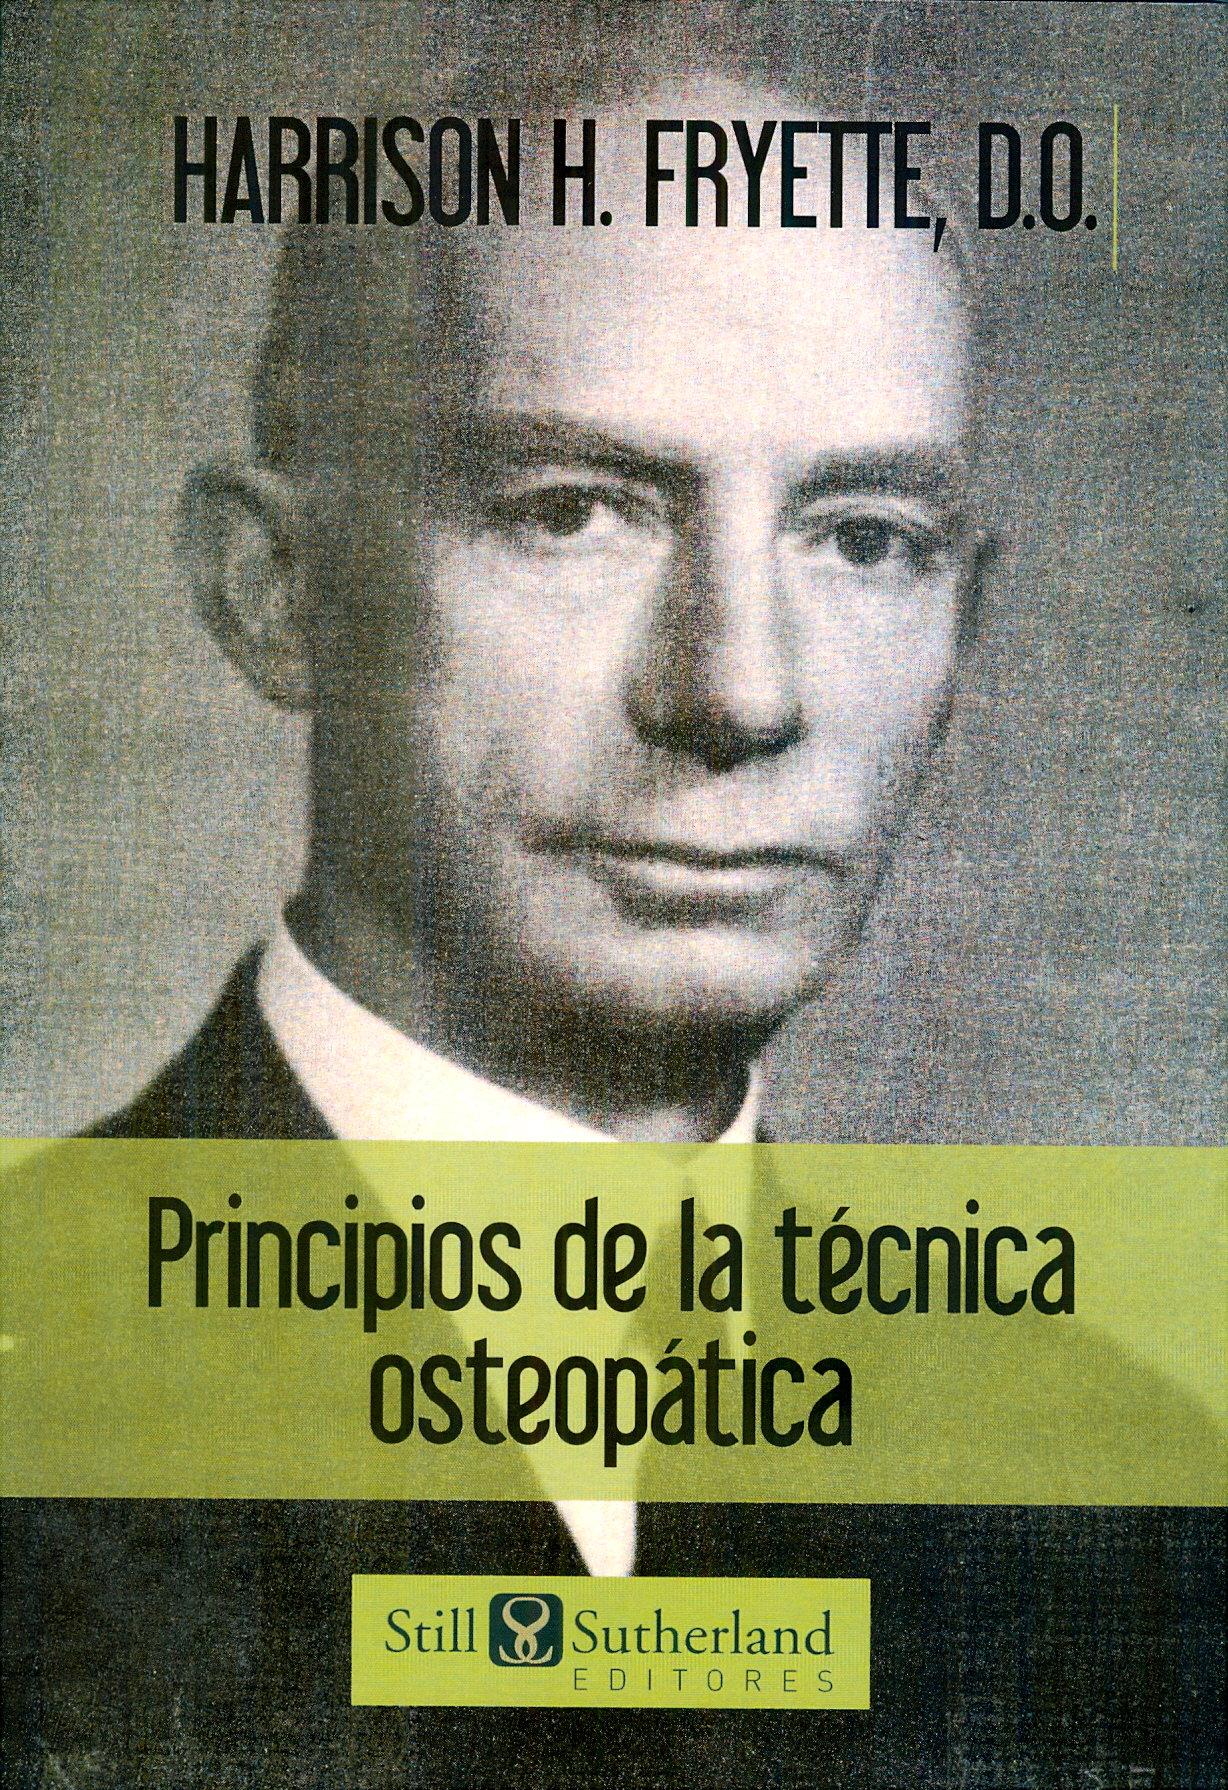 Principios de la técnica osteopática Image